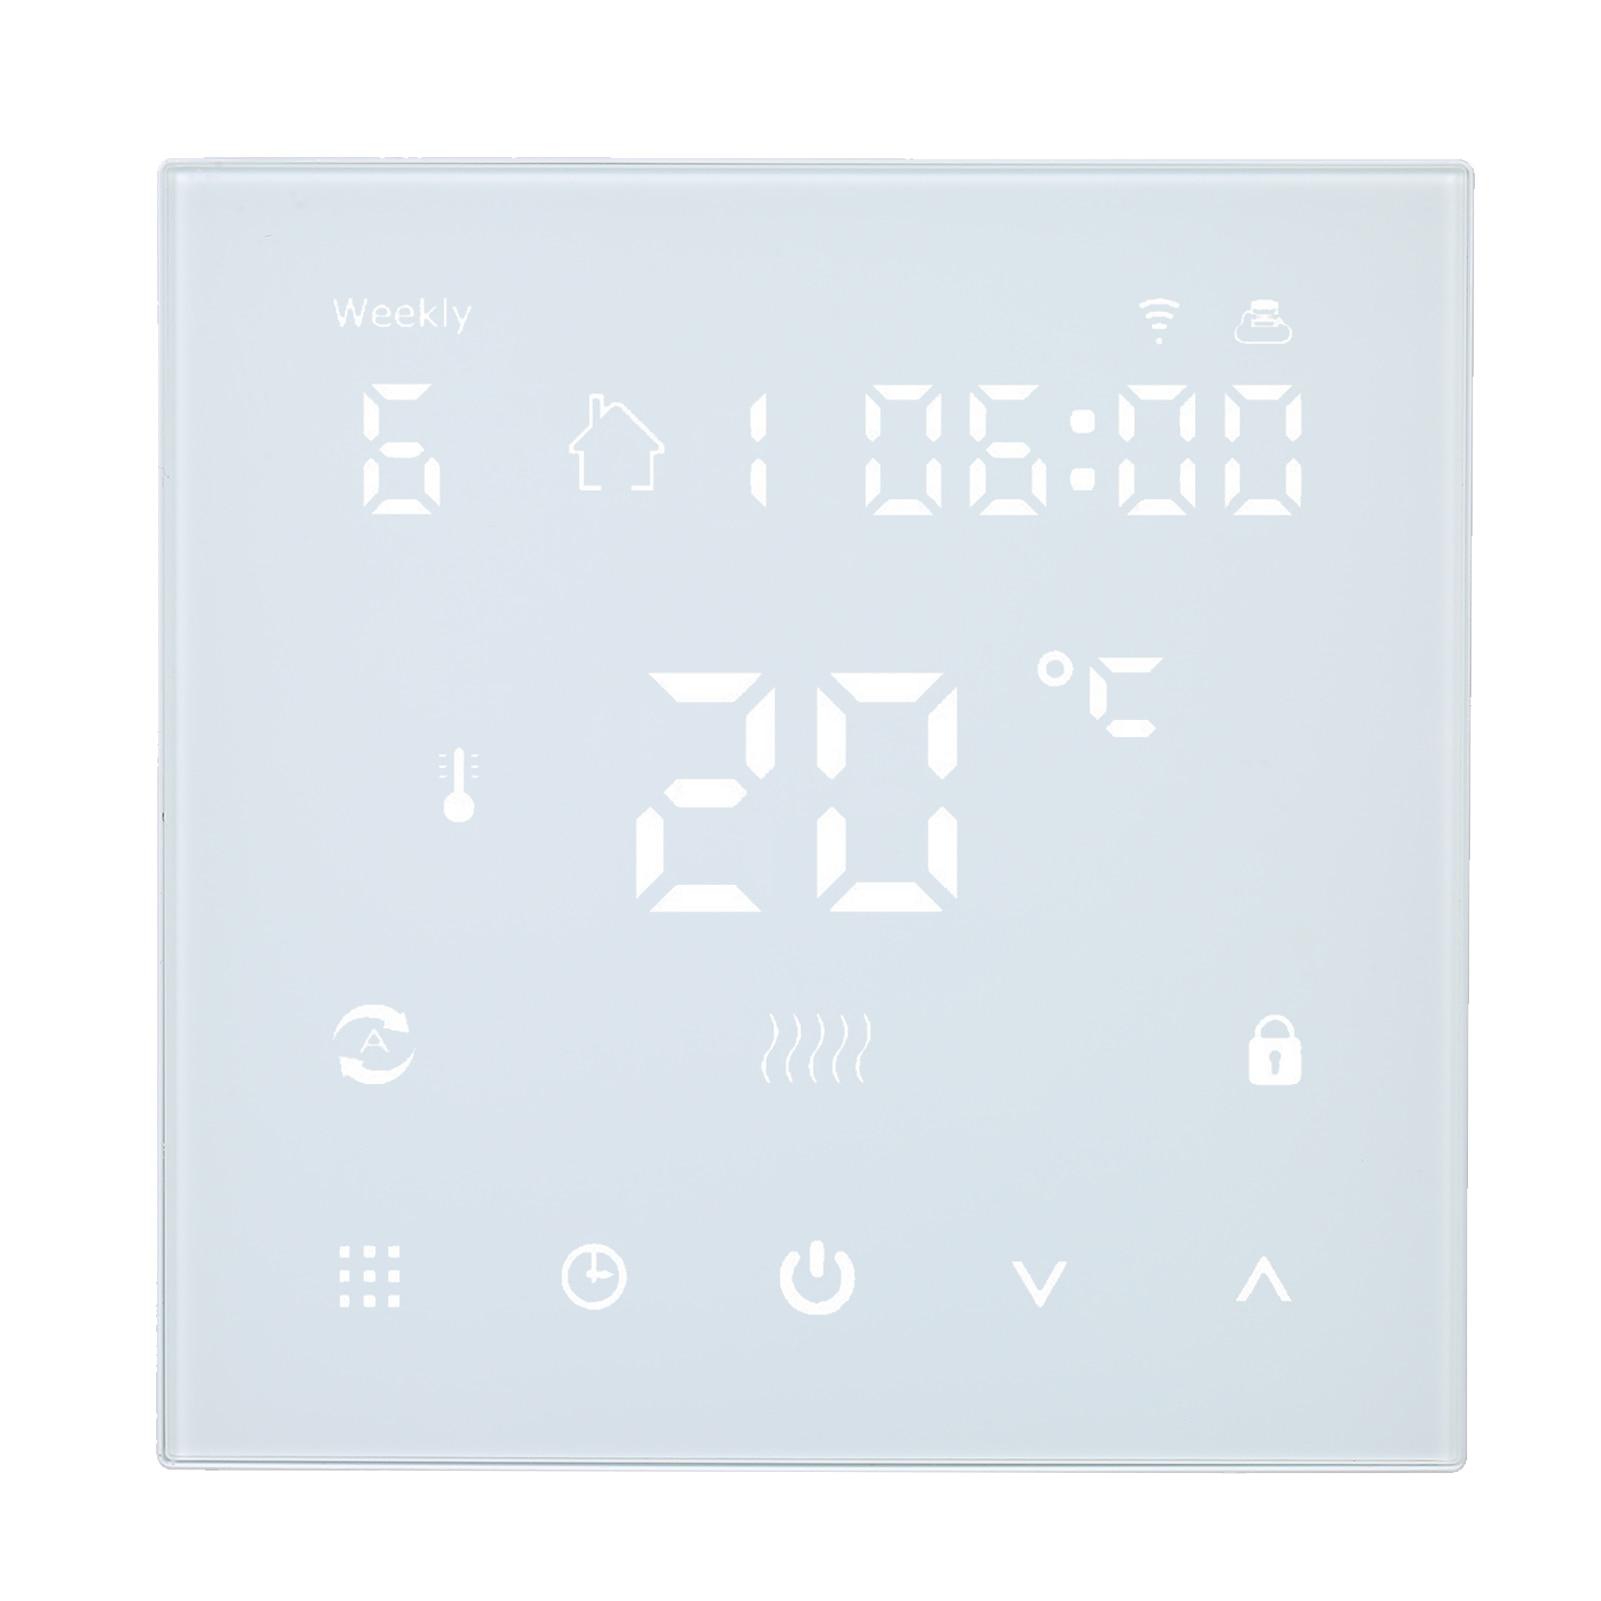 واي فاي منظم حراري ذكي متحكم في درجة الحرارة APP التحكم LCD لوحة التحكم باللمس منظم حرارة قابل للبرمجة مؤقت رقمي 16A / 3A